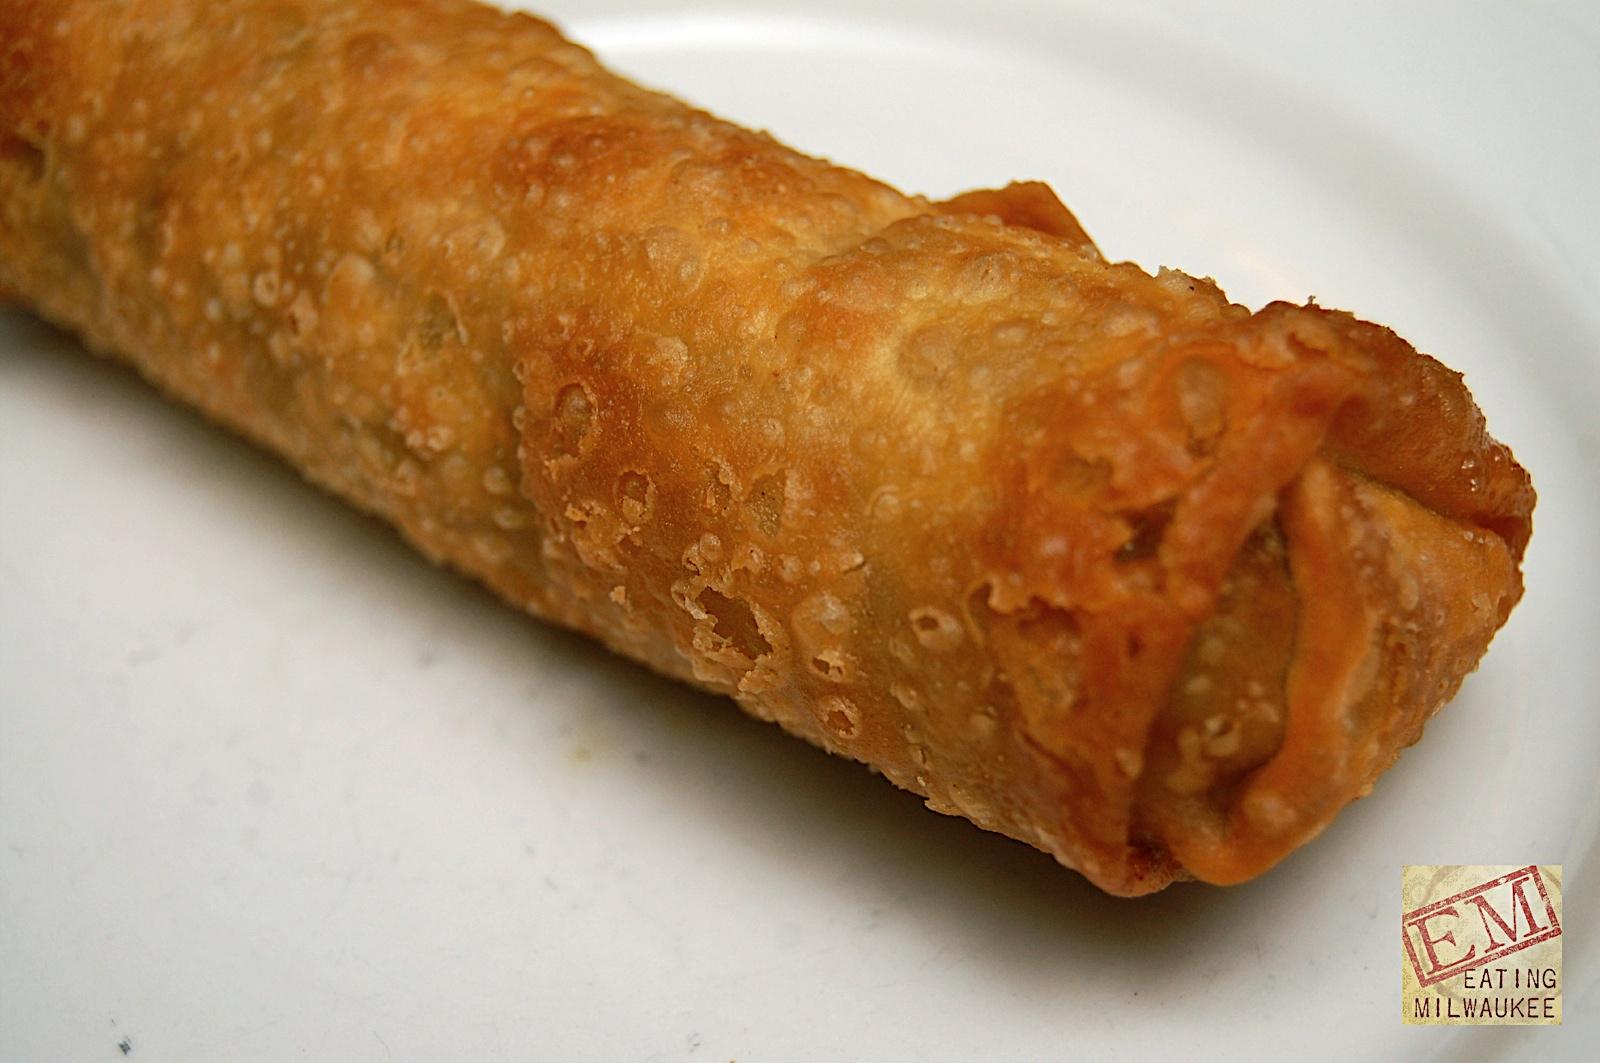 ... deep fried loh bak recipe five spice the rolls can be deep fried